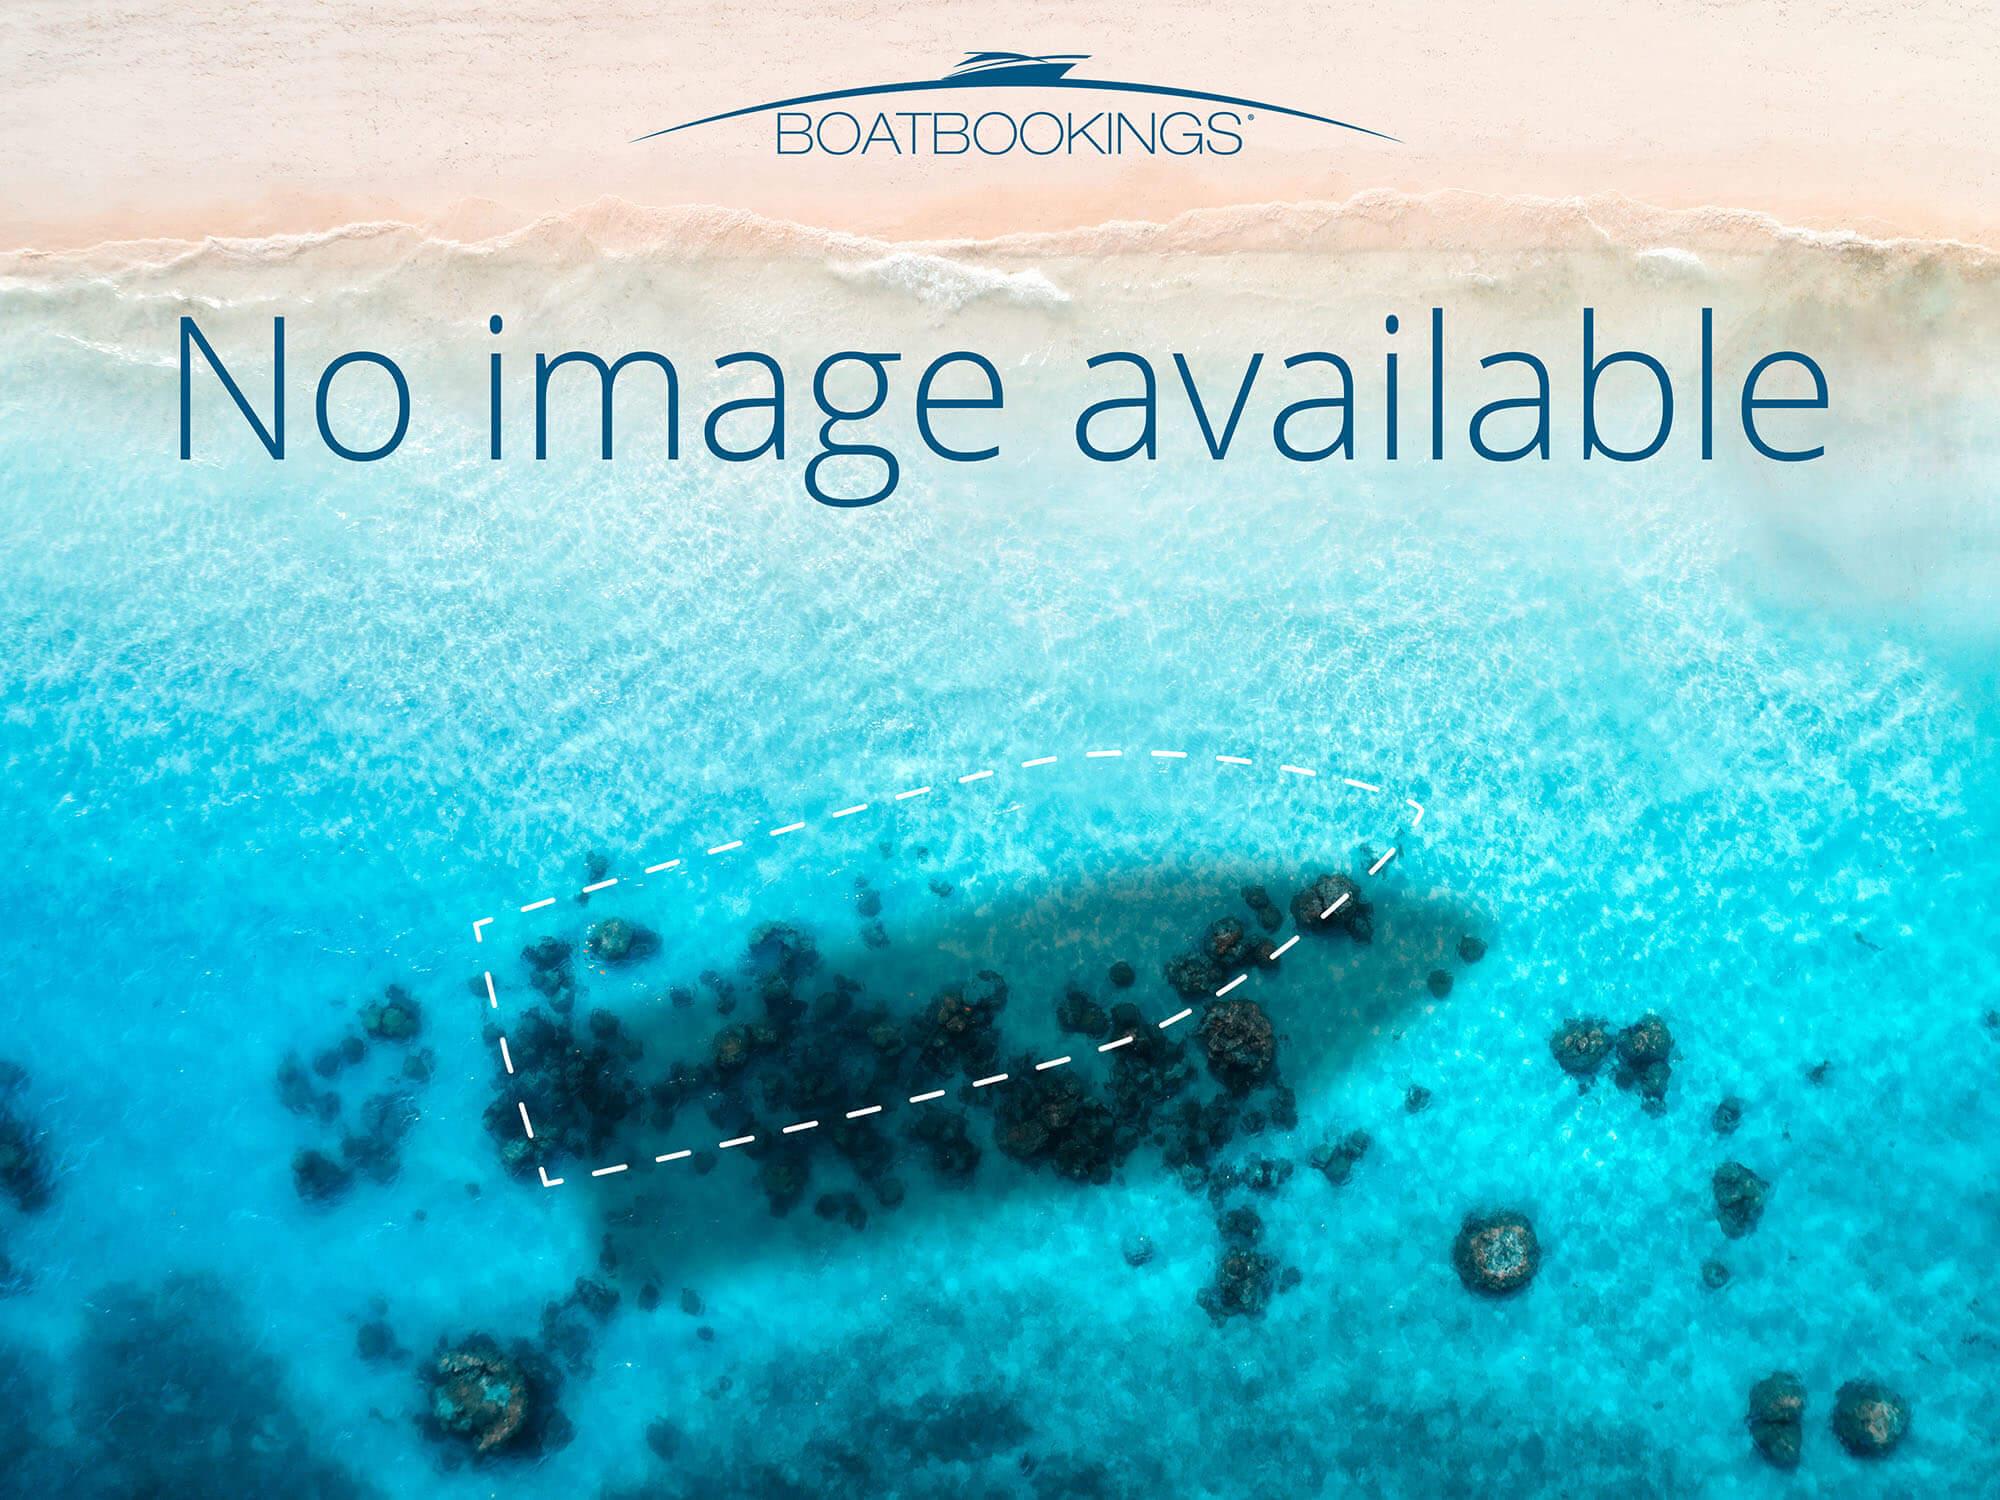 kea, Greece yacht charter, Cyclades Islands boat hire